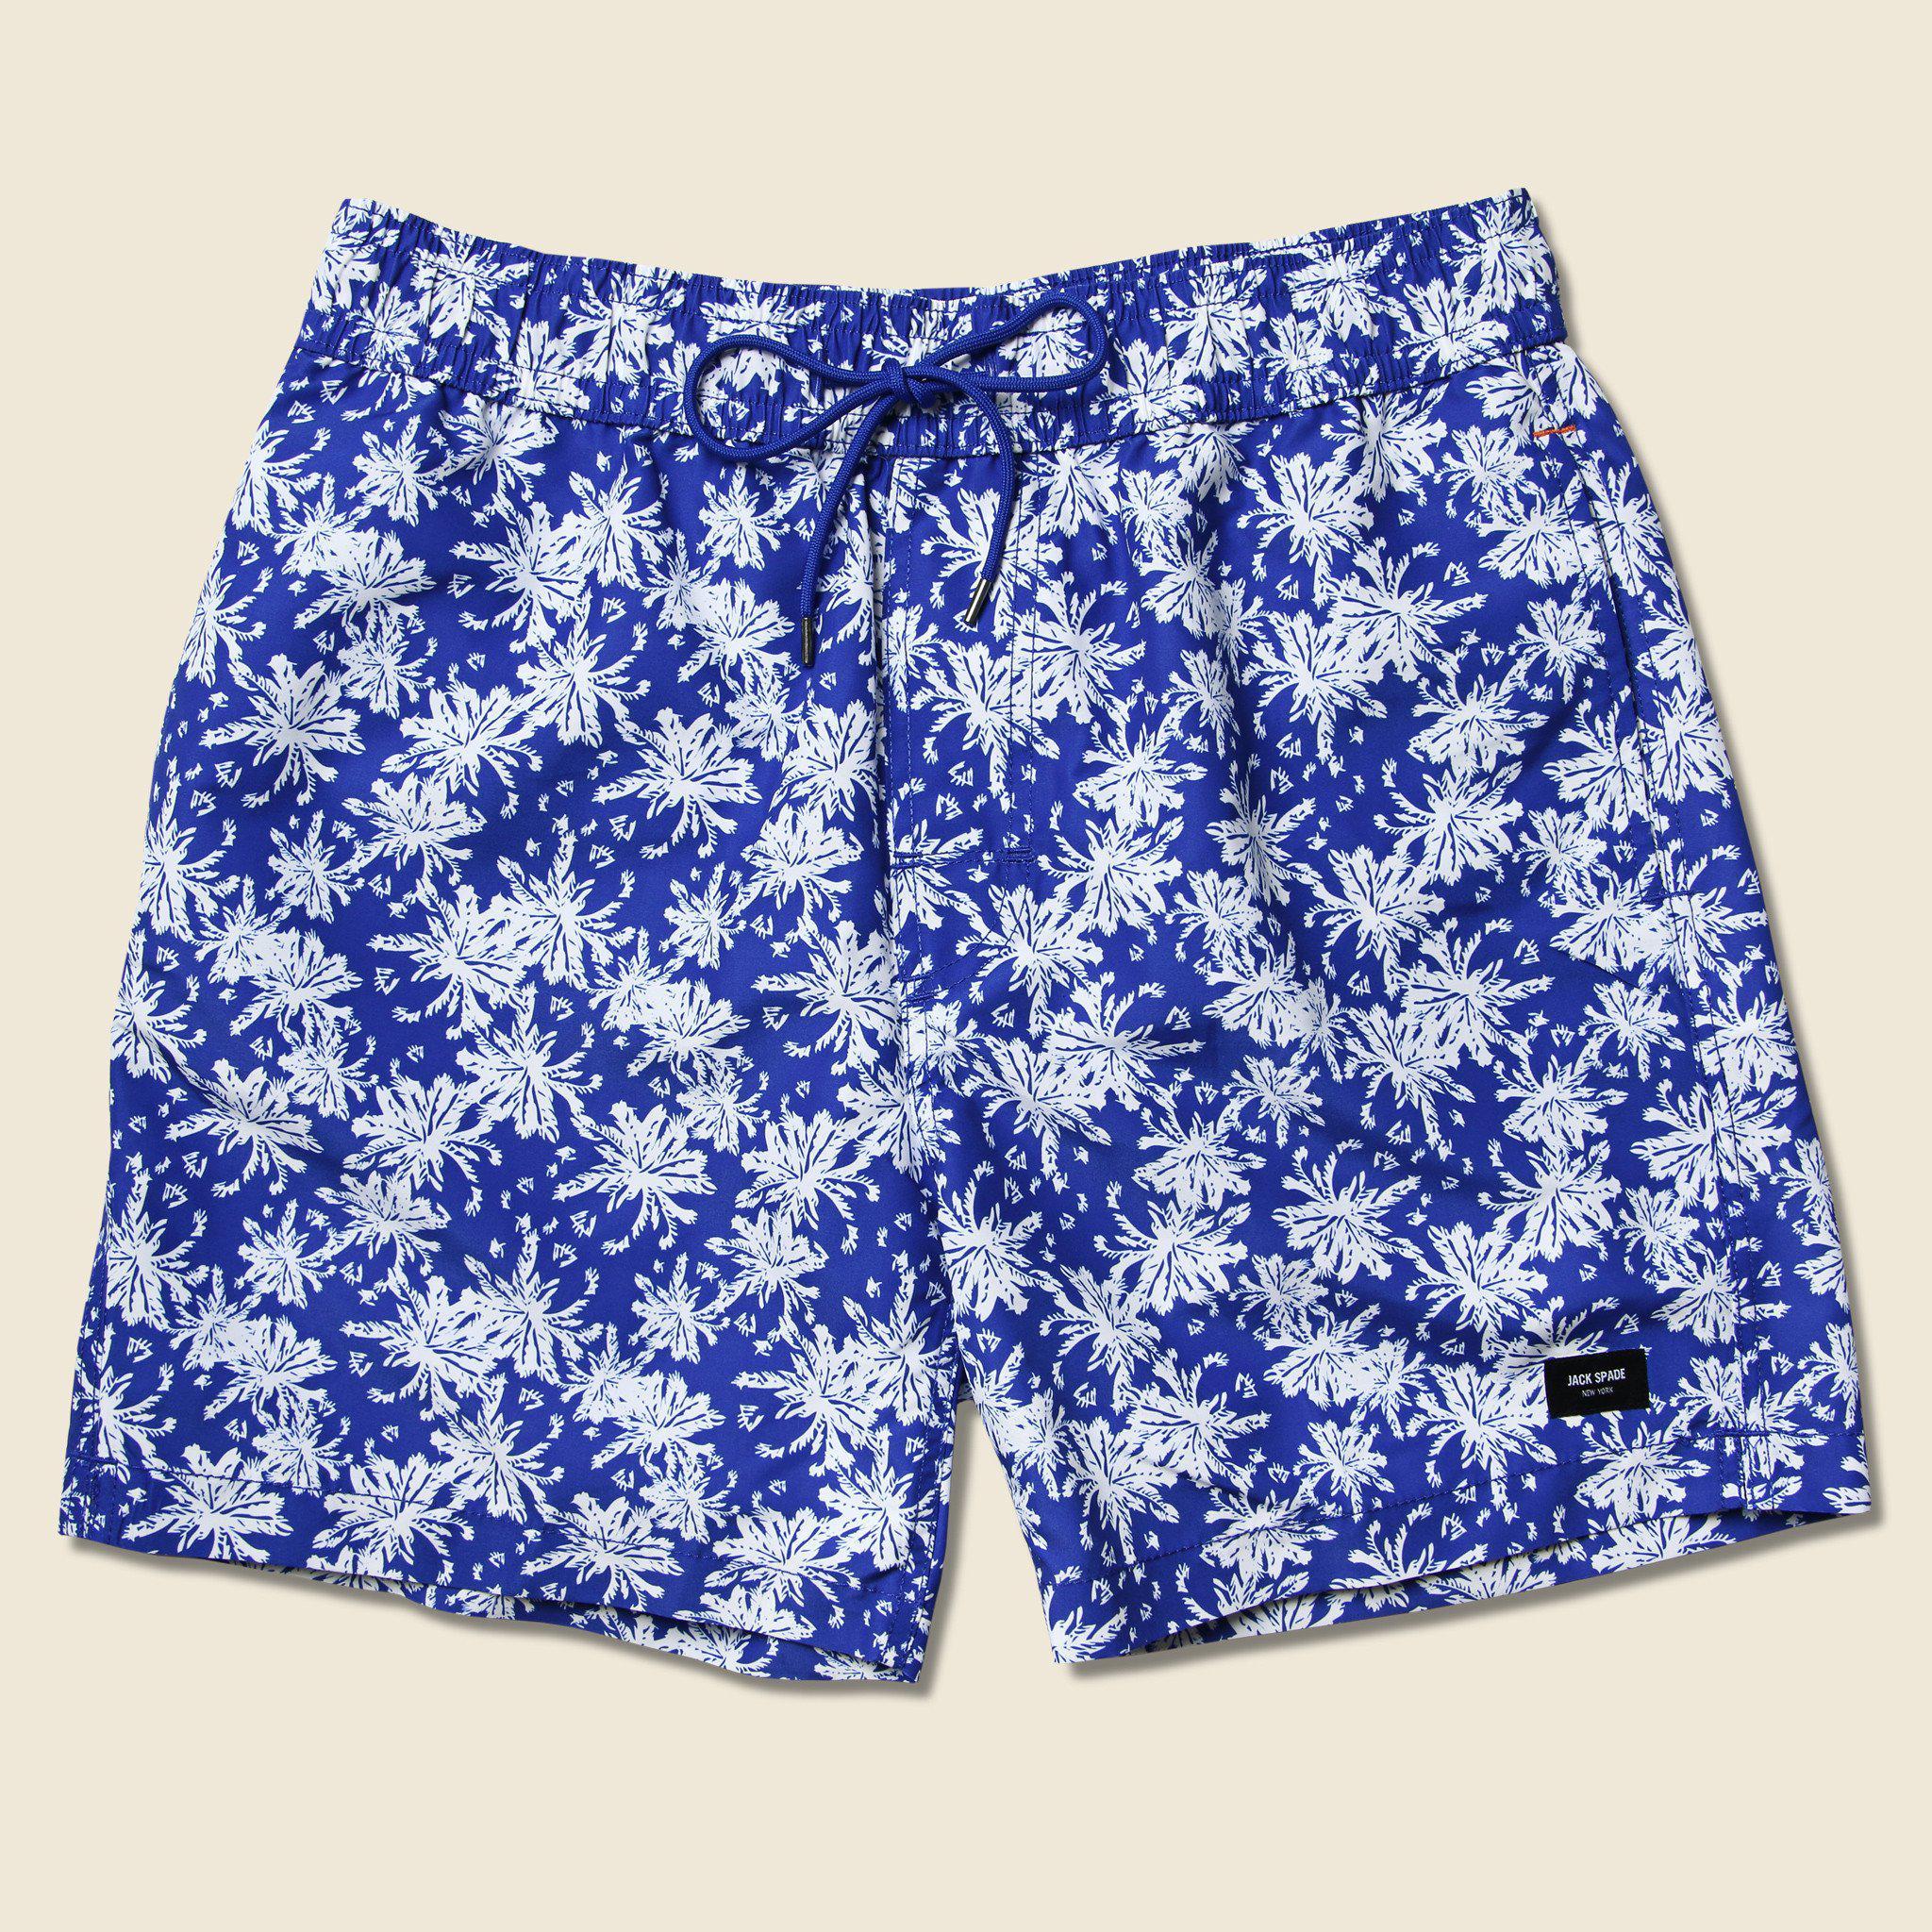 6140eaf39e Lyst - Jack Spade Floral Grannis Swim Trunk - Blue in Blue for Men